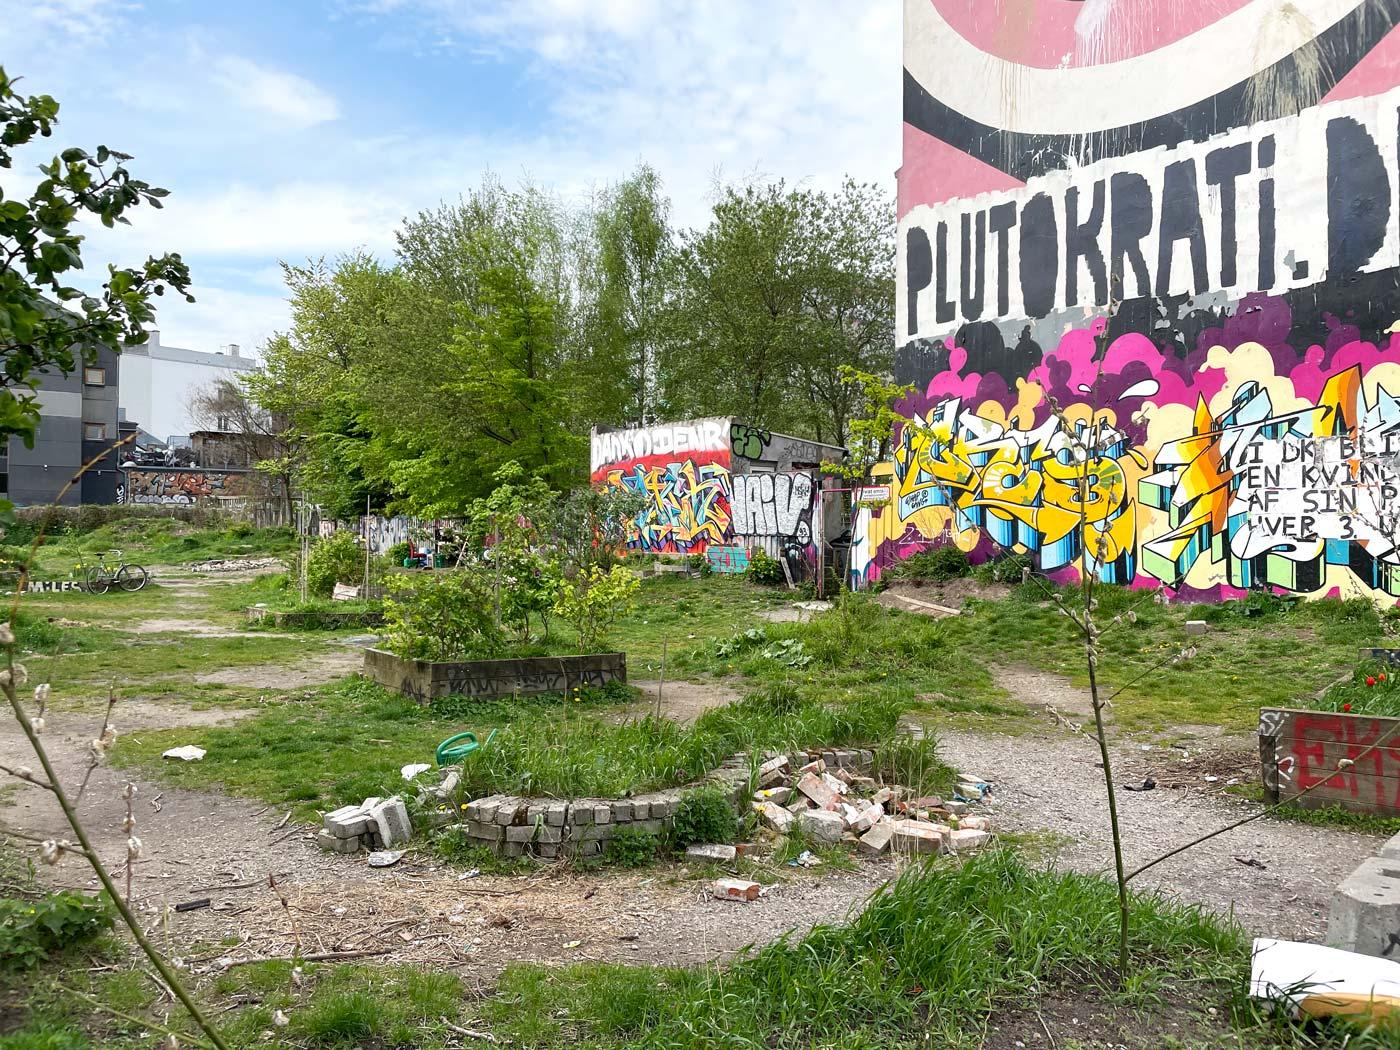 """Den tomme grund på Jagtvej 69. På husmuren står malet """"Plutokrati"""" med store bogstaver og små bede er opstået på pladsen."""